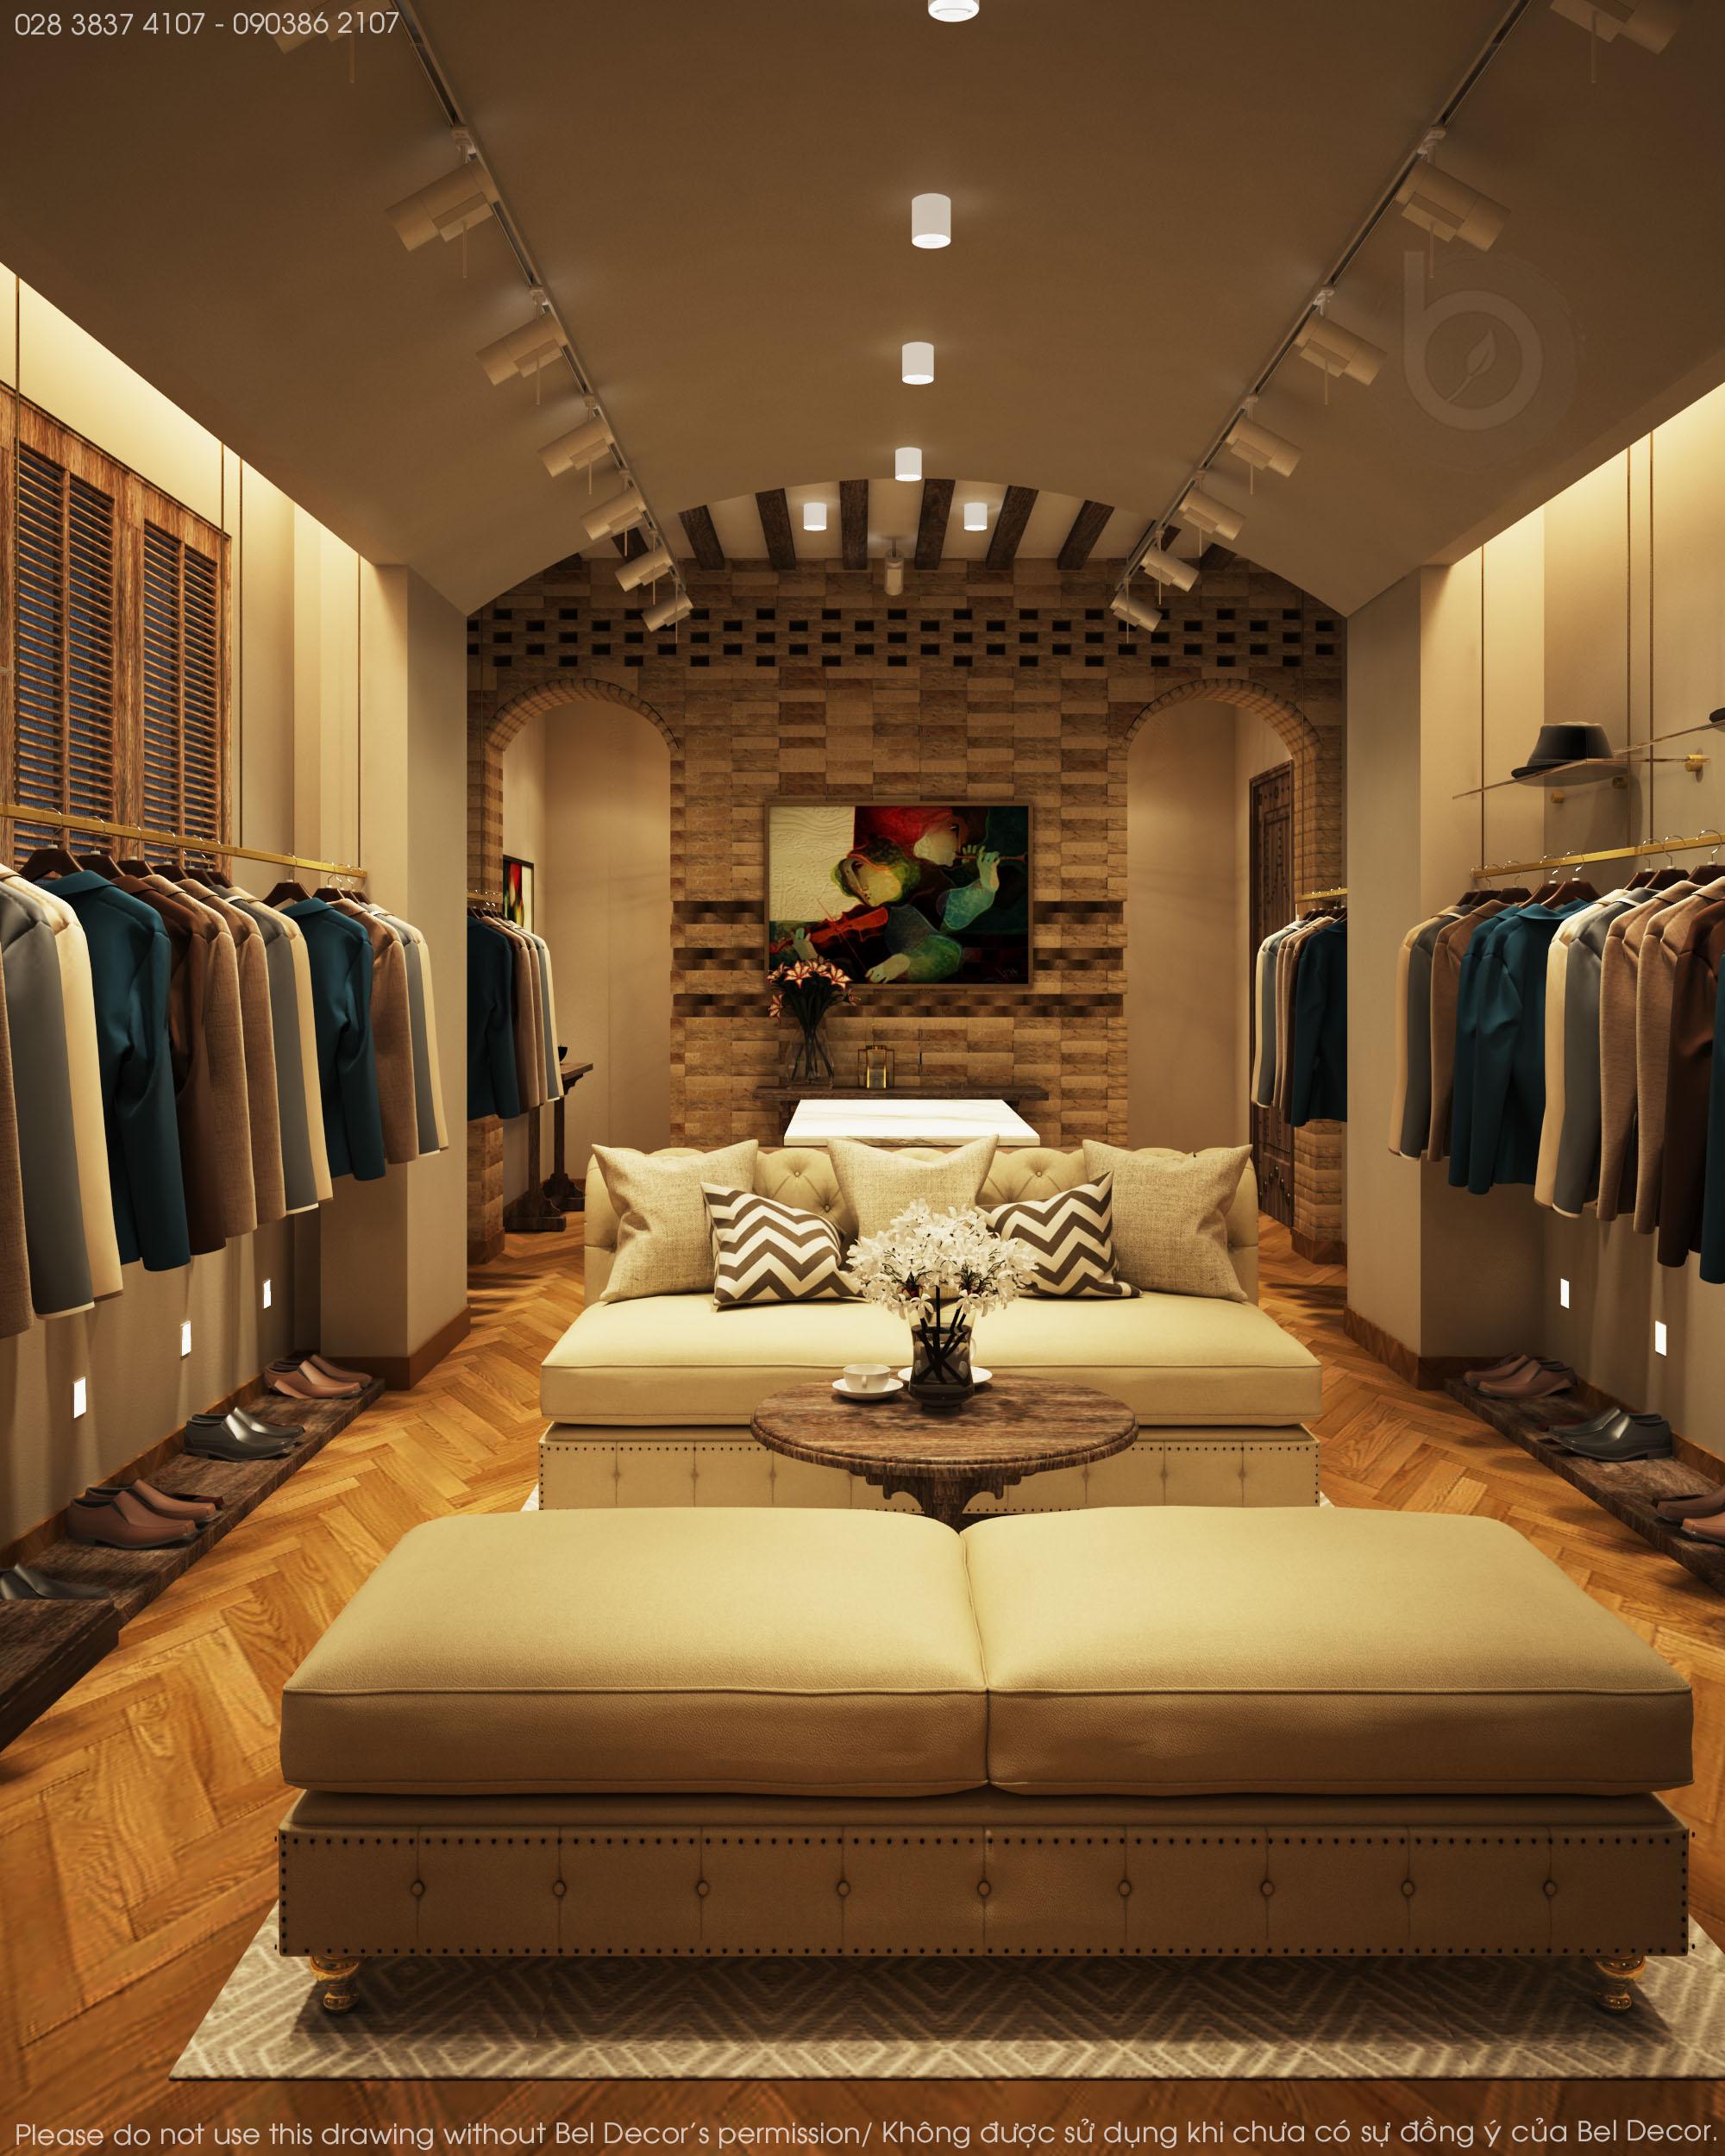 thiết kế nội thất Shop tại Hồ Chí Minh Thiết kế nội - ngoại thất Fashion Shop Antonio 6 1537428721